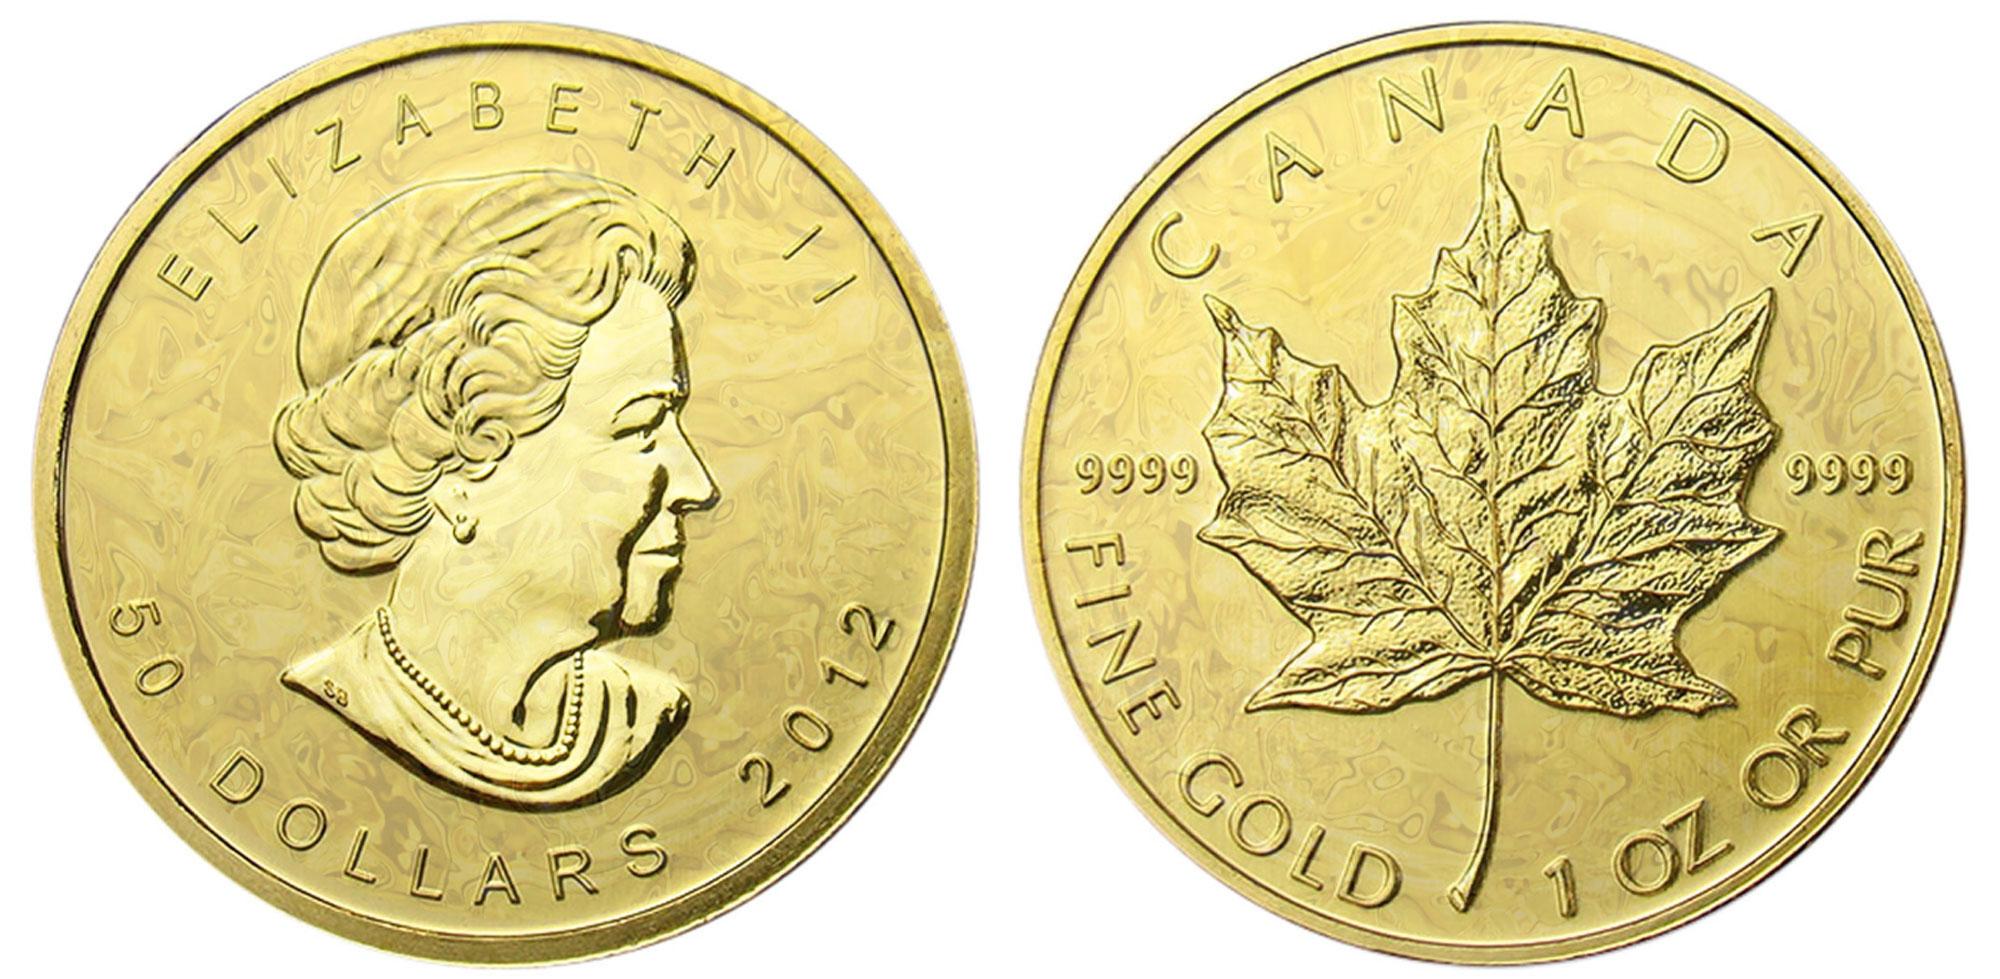 10 Gram Silver Coin Price